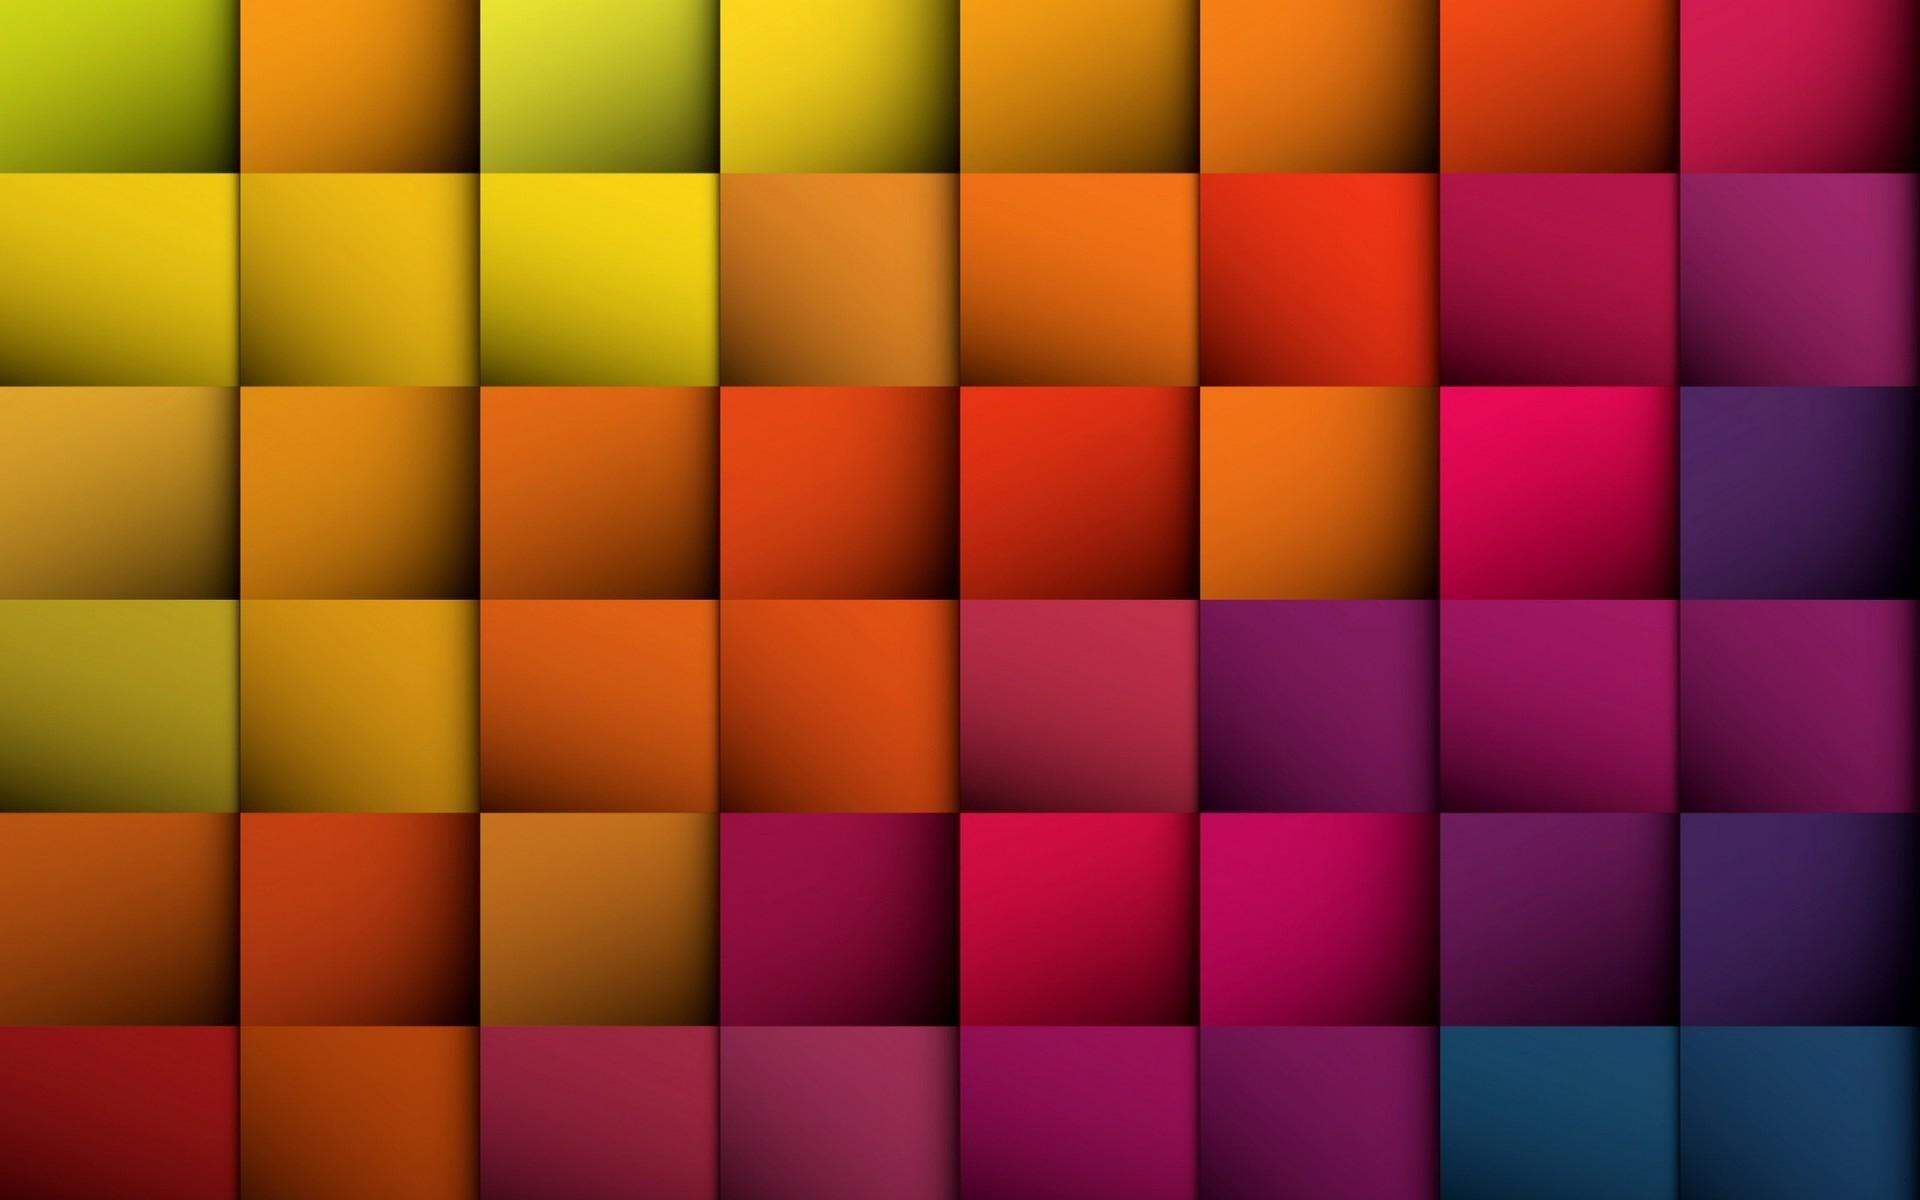 6 64582 3d colors checks walls hd wallpapers 3d color